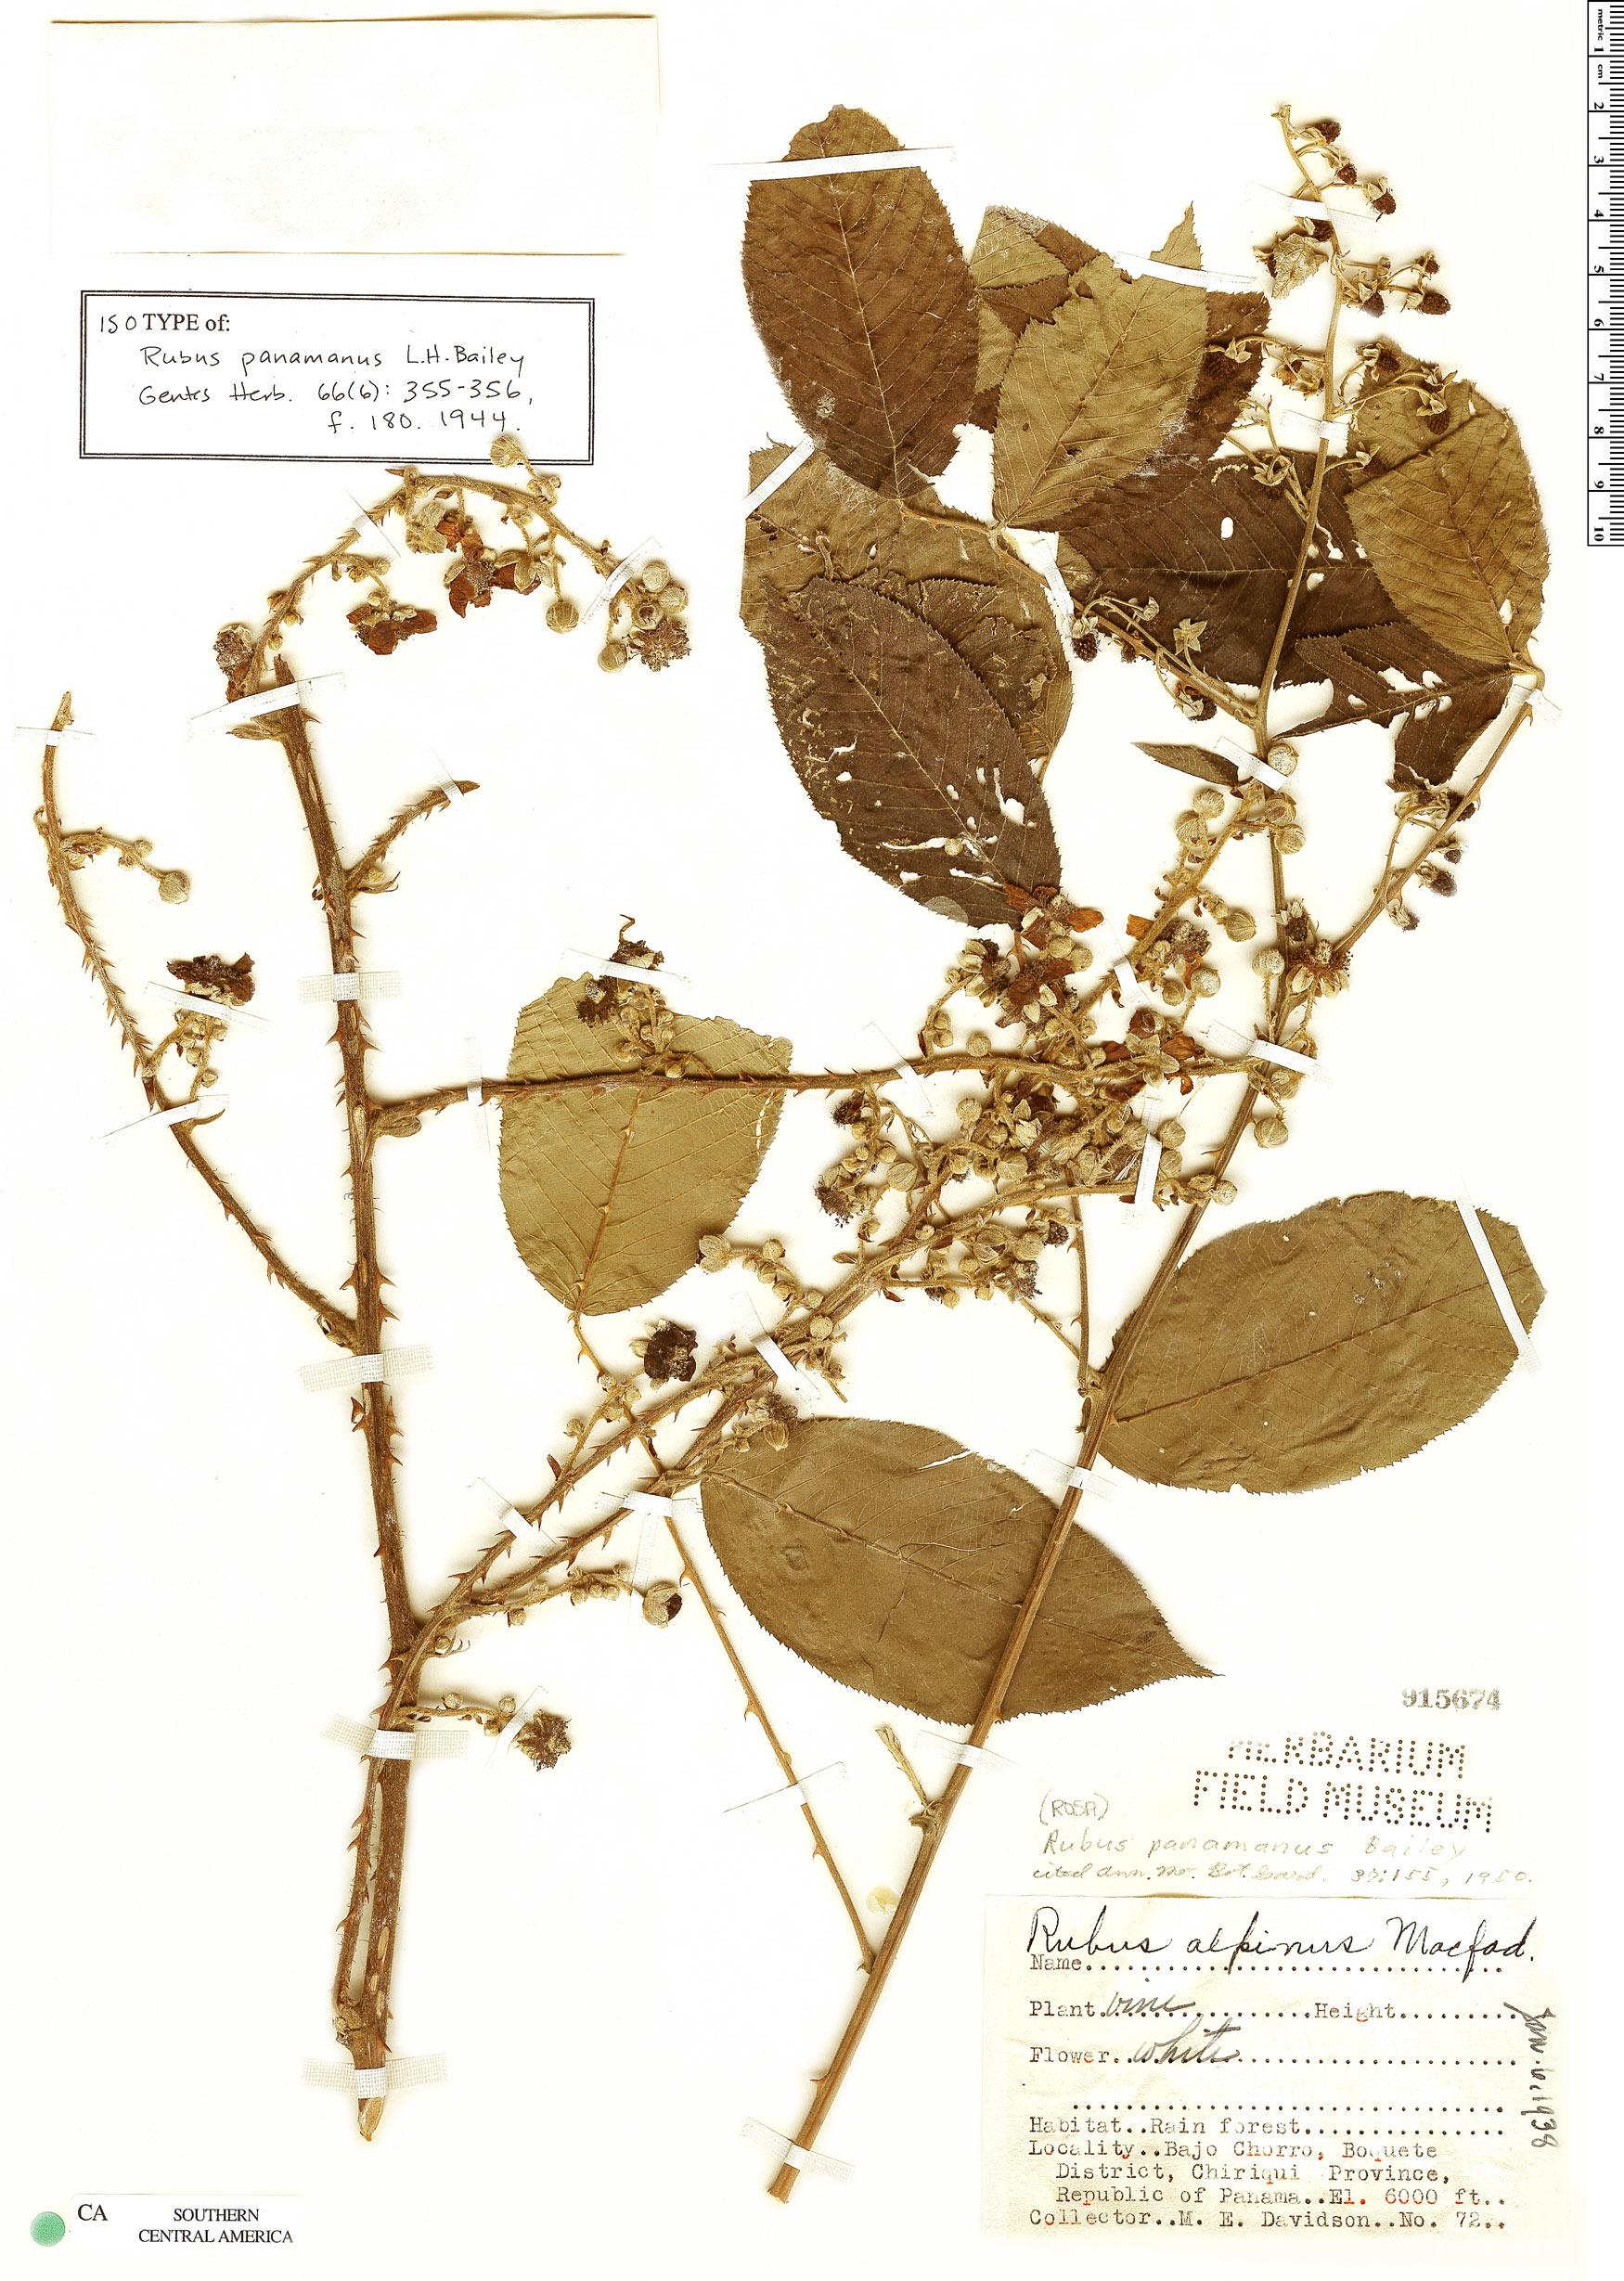 Specimen: Rubus panamanus